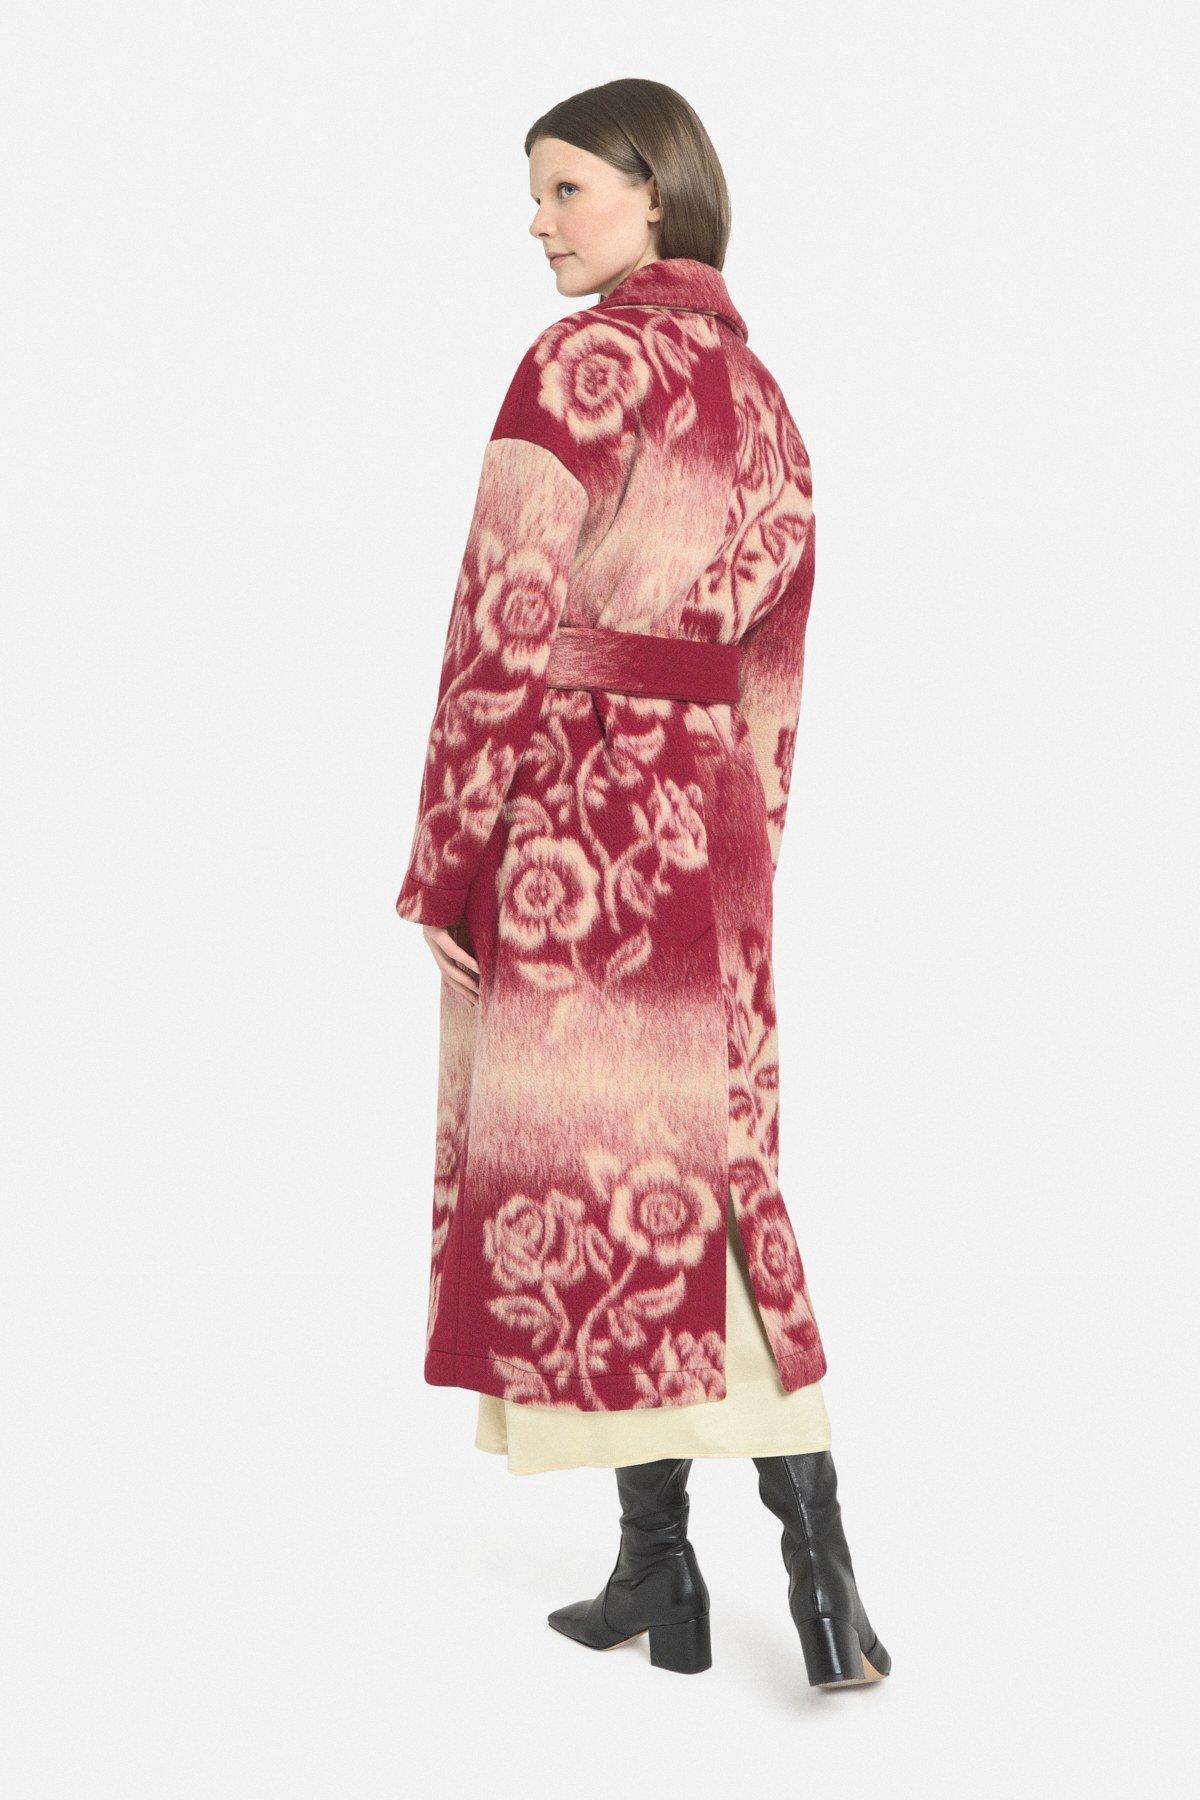 Coat with sash